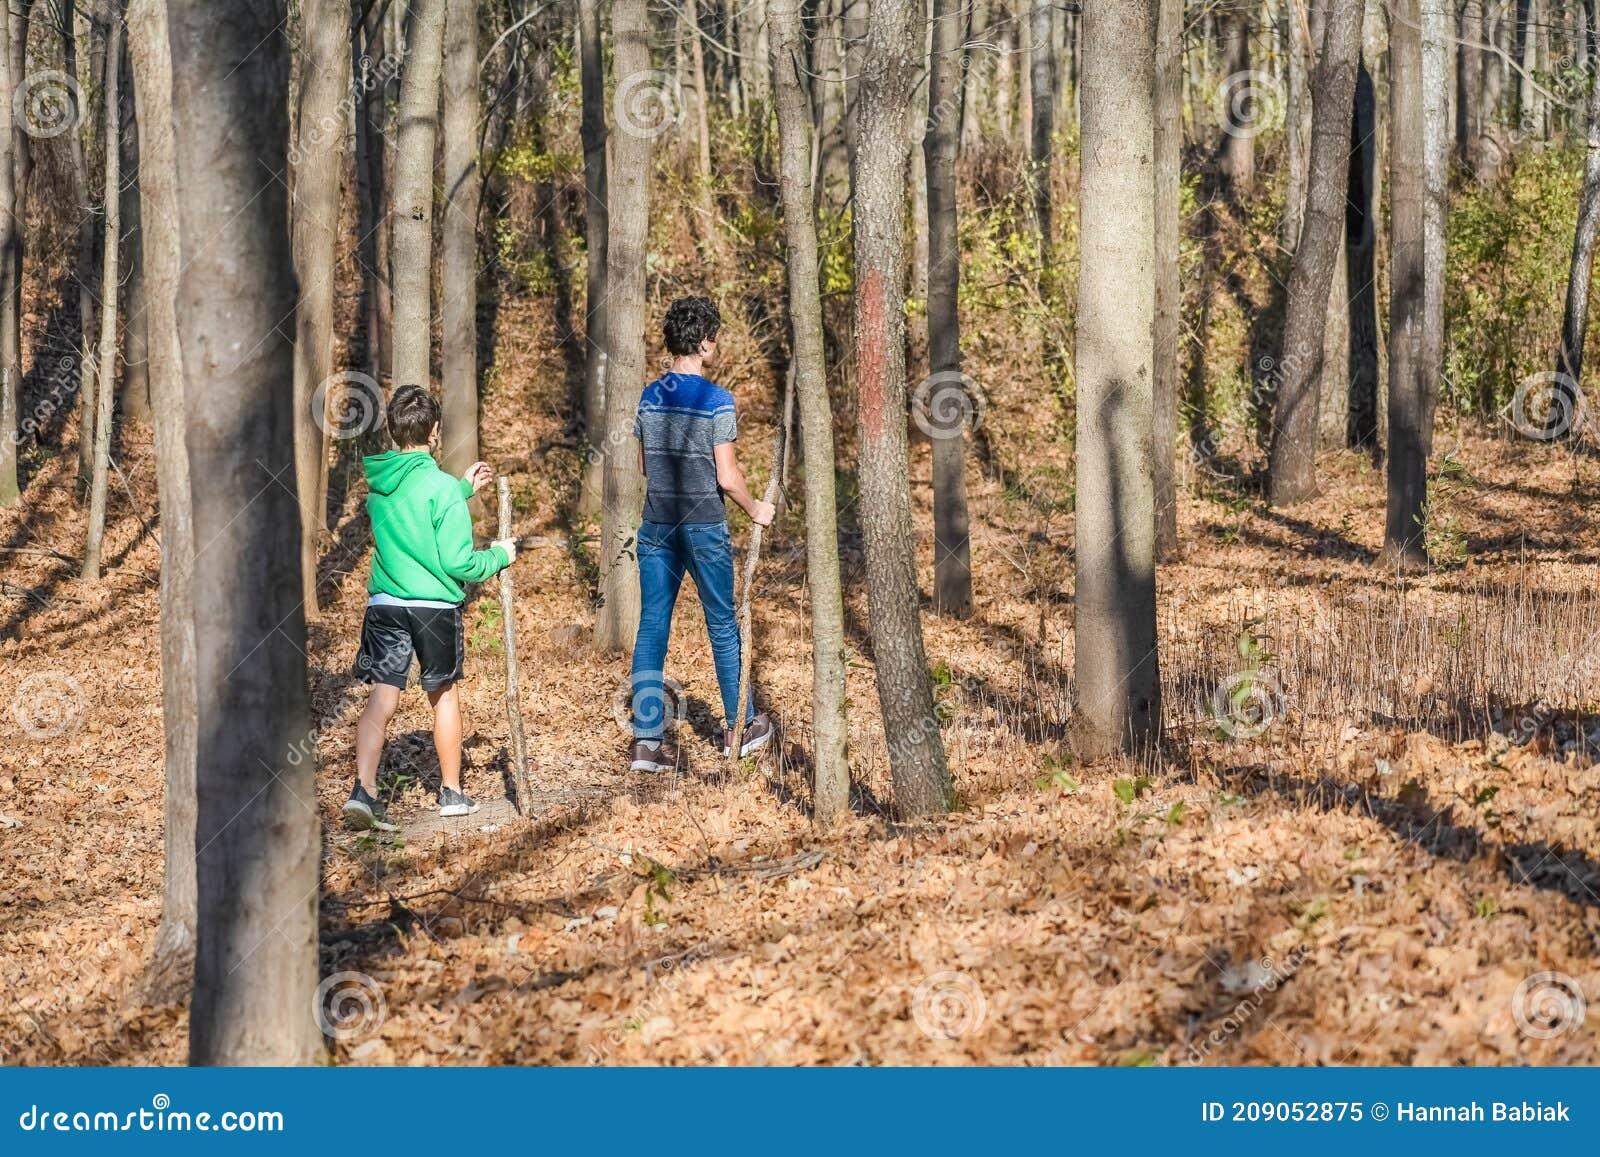 Dos Chicos Con Palos Caminando Por El Bosque Imagen De Archivo Imagen De Deportes Selva 209052875